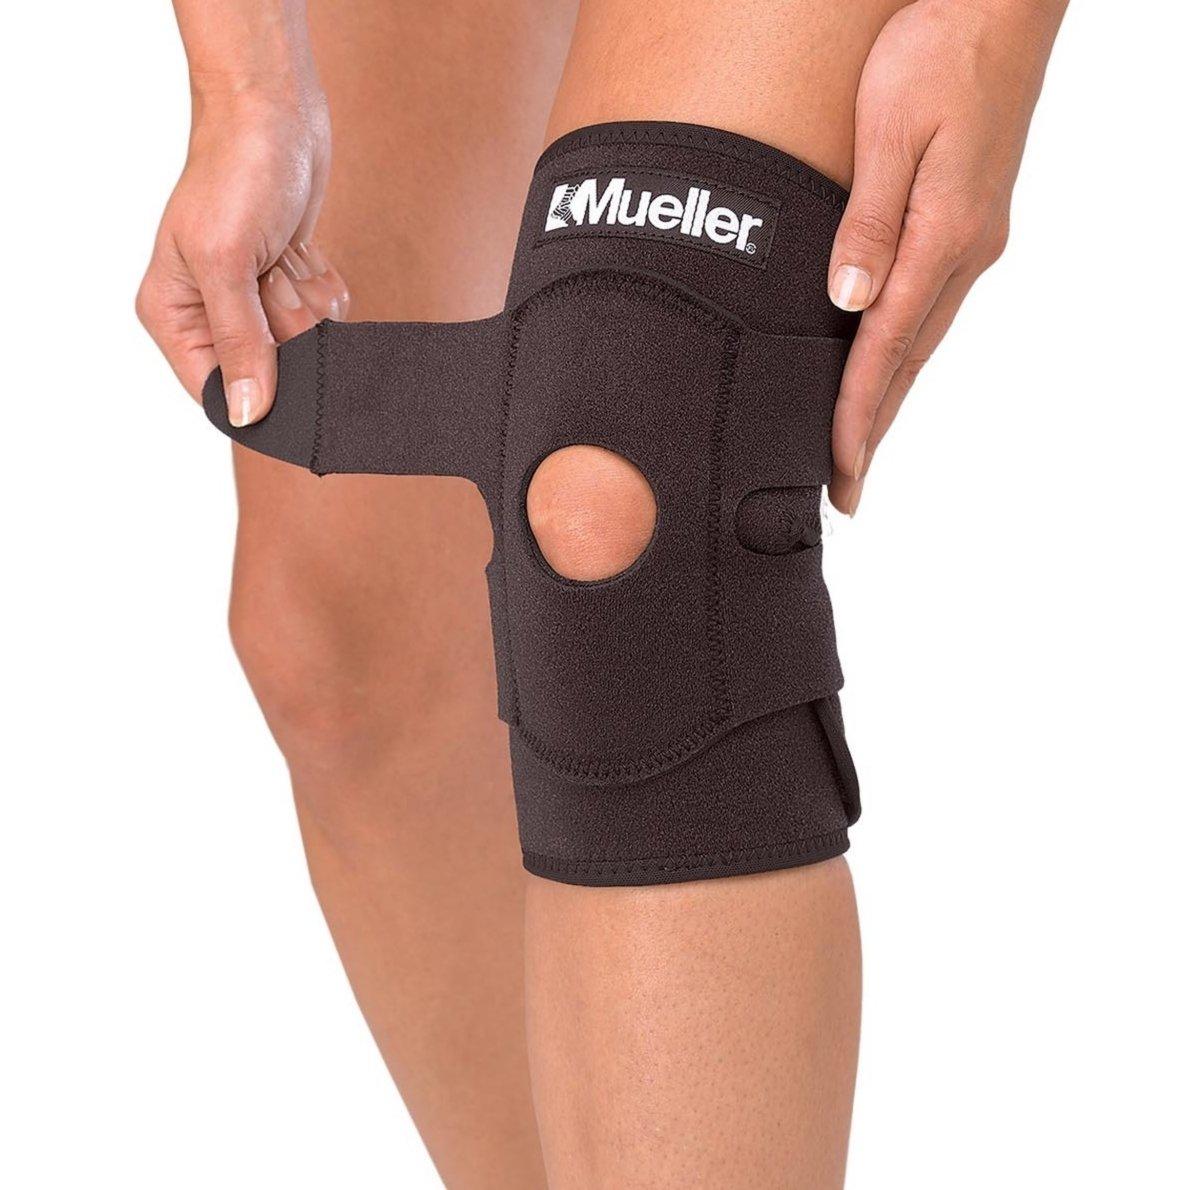 Muller Adjustable Knee Support